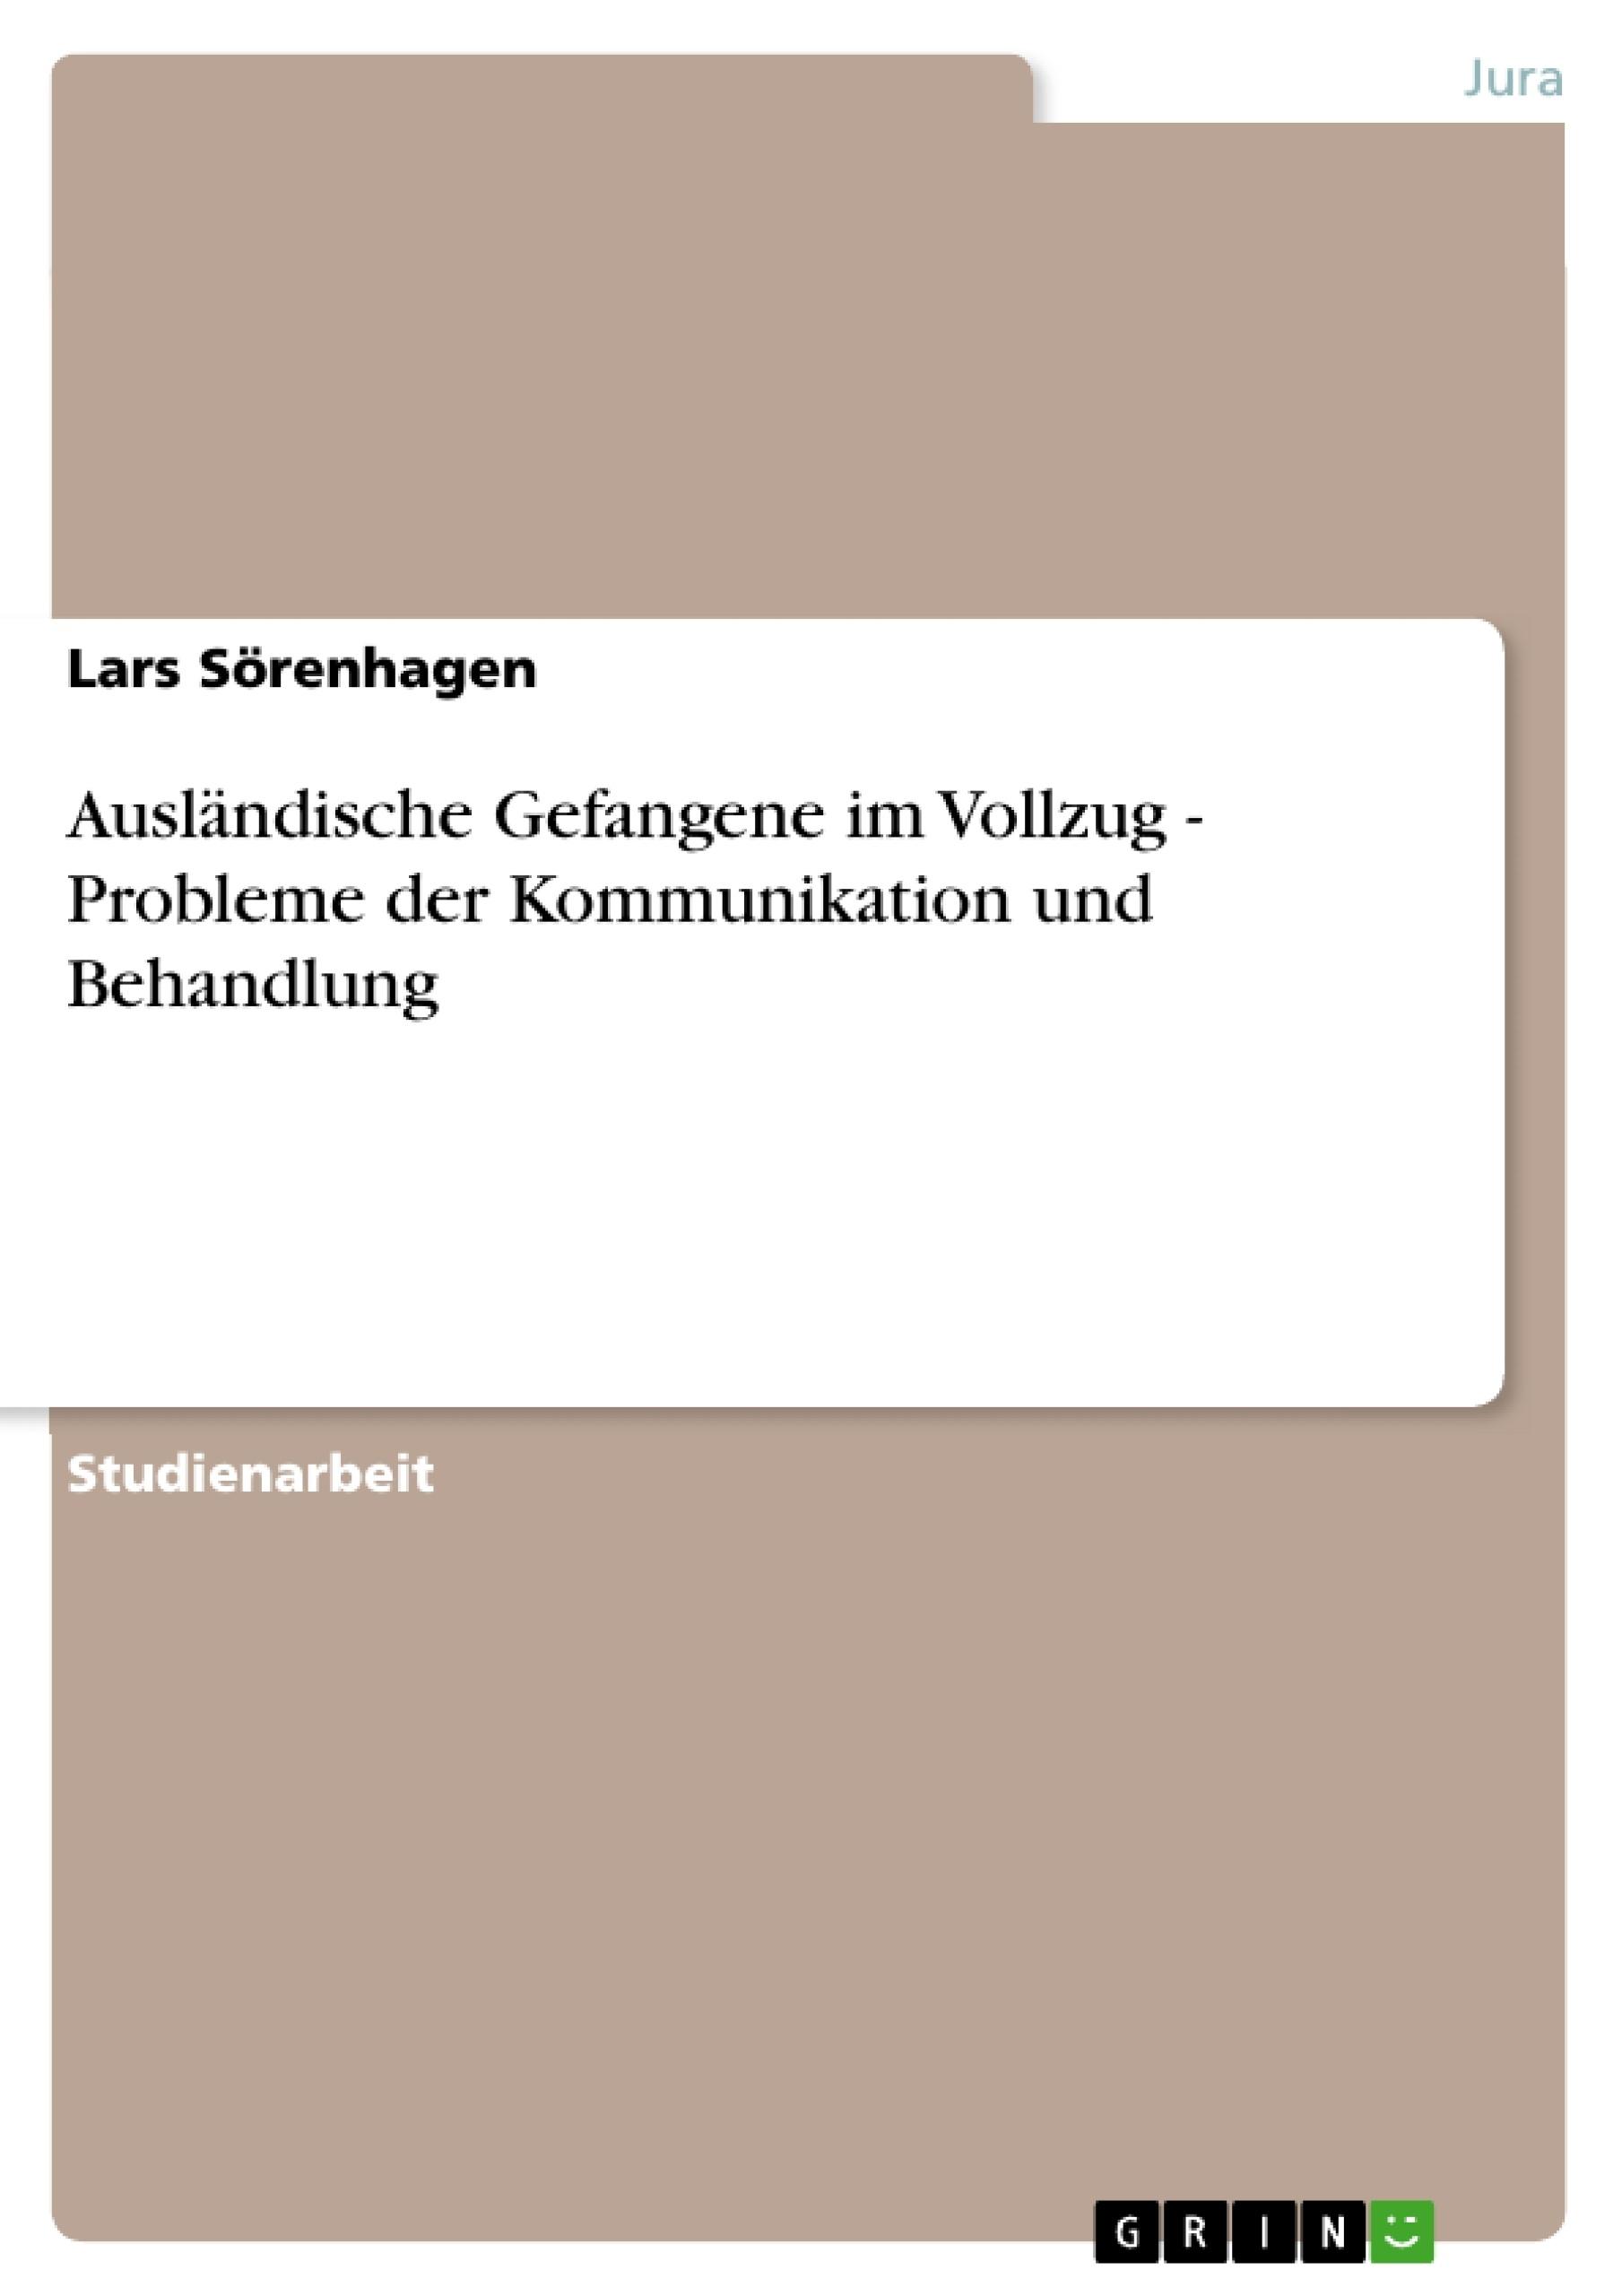 Titel: Ausländische Gefangene im Vollzug - Probleme der Kommunikation und Behandlung